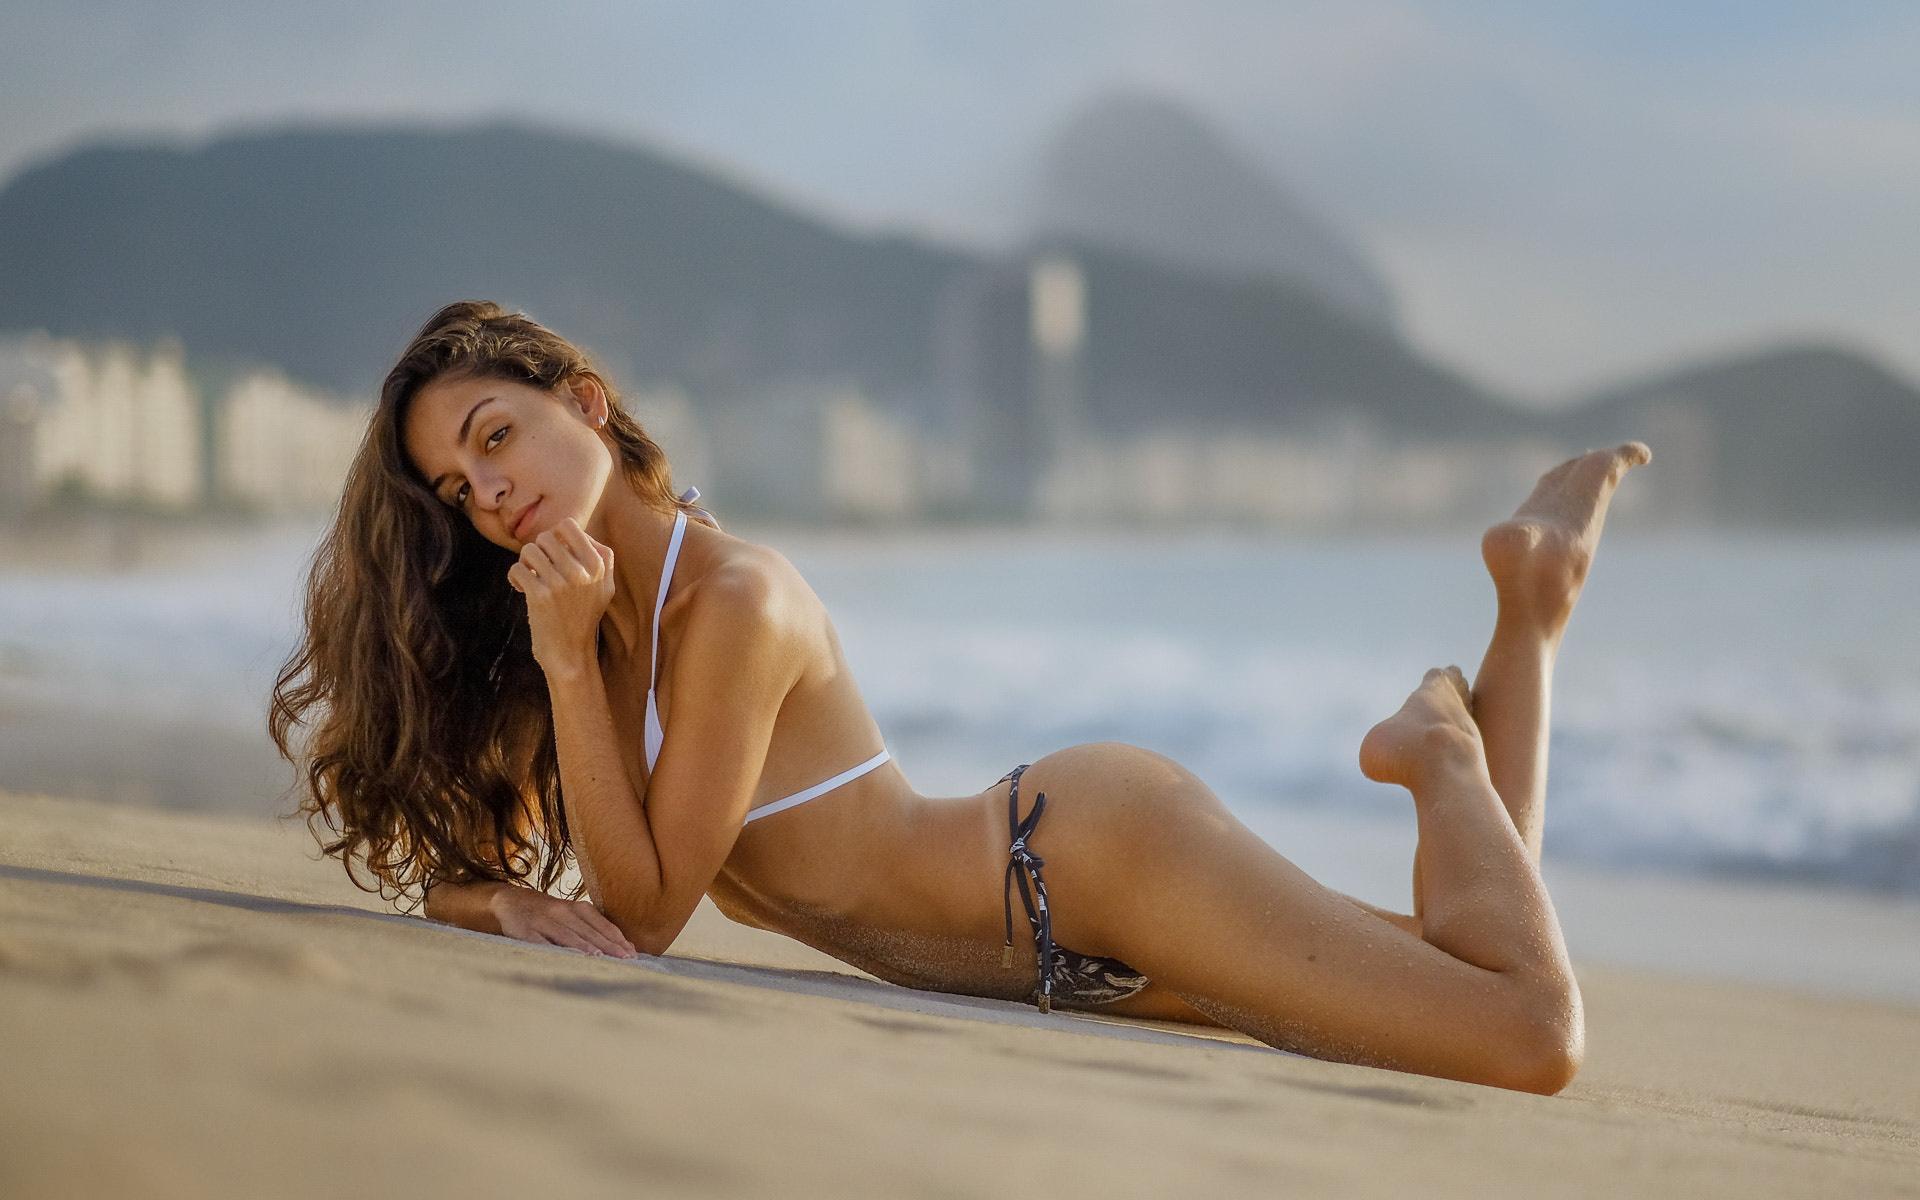 Is it legal to sunbathe topless in australia